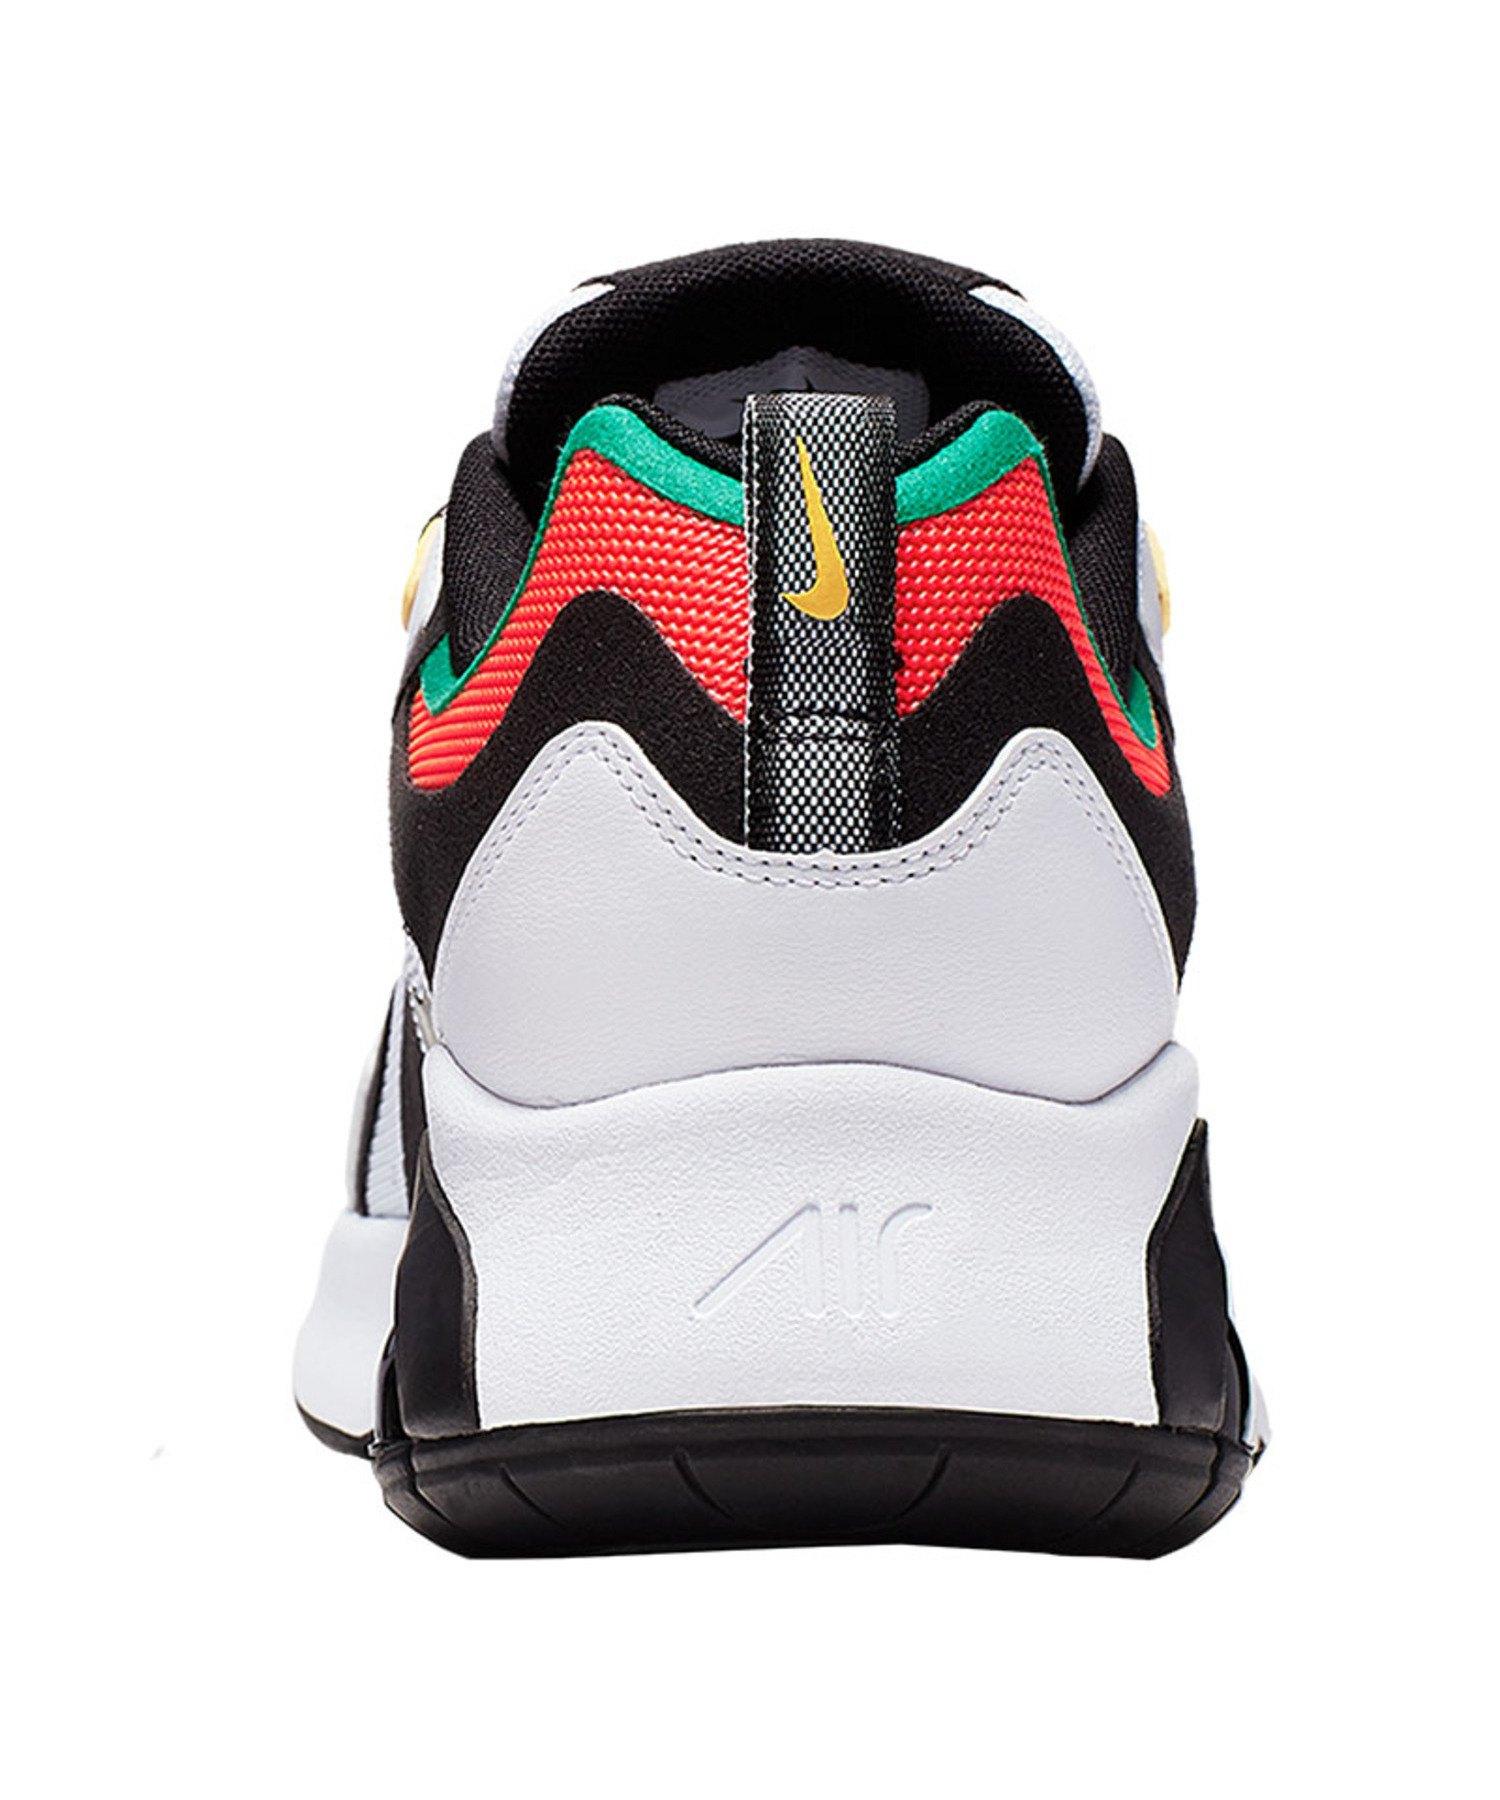 Nike Air Max 97 Sneaker Weiss Grau F101